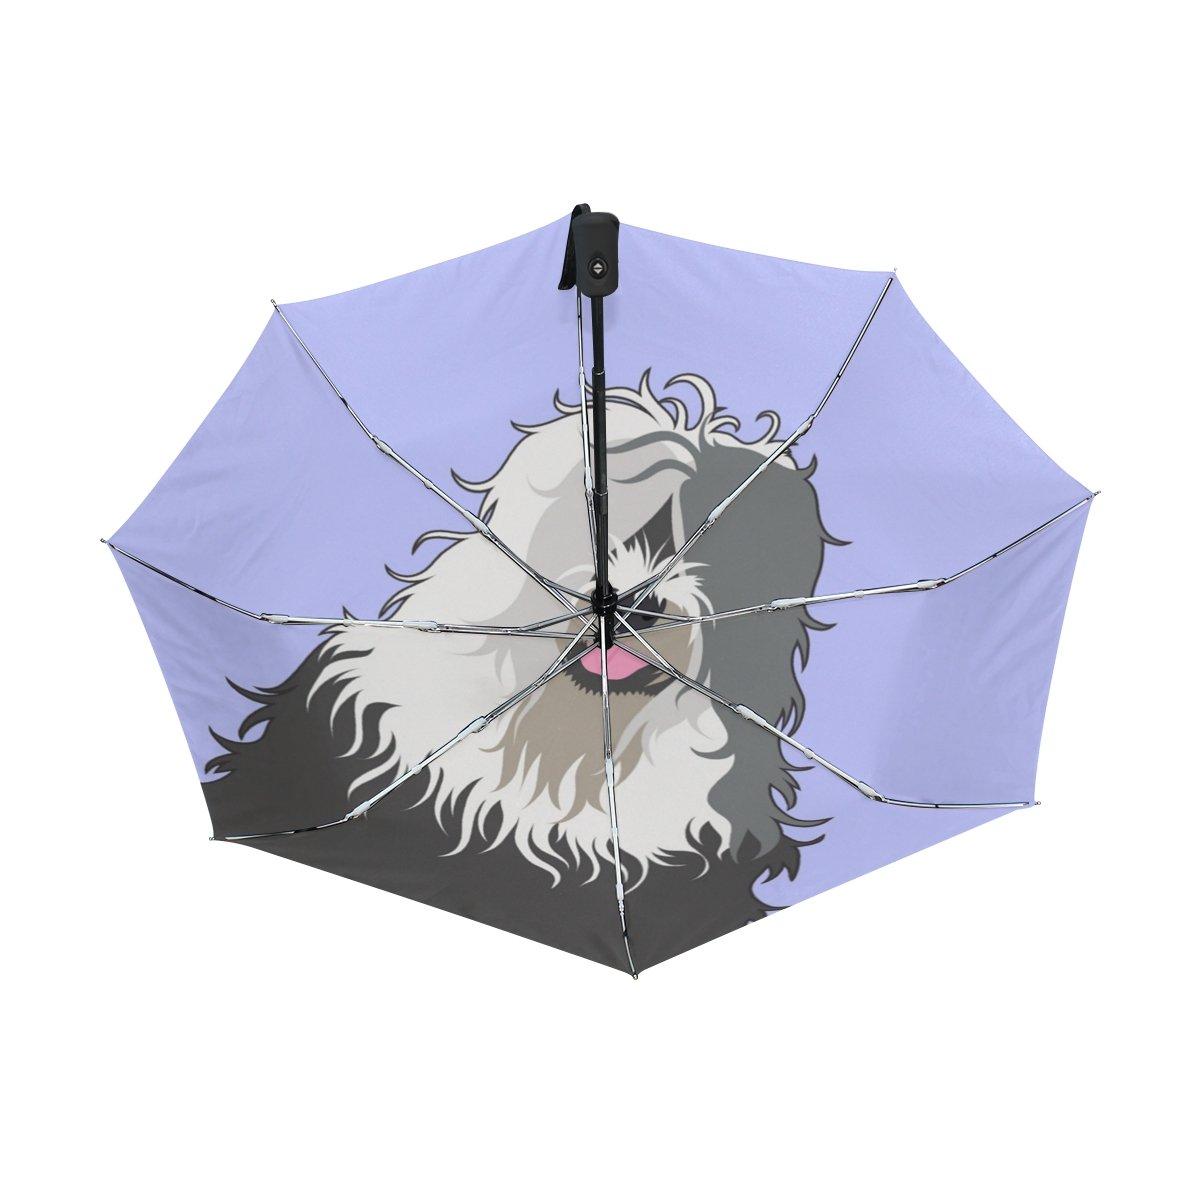 Amazon.com: My Daily Old English Sheepdog paraguas de viaje ...